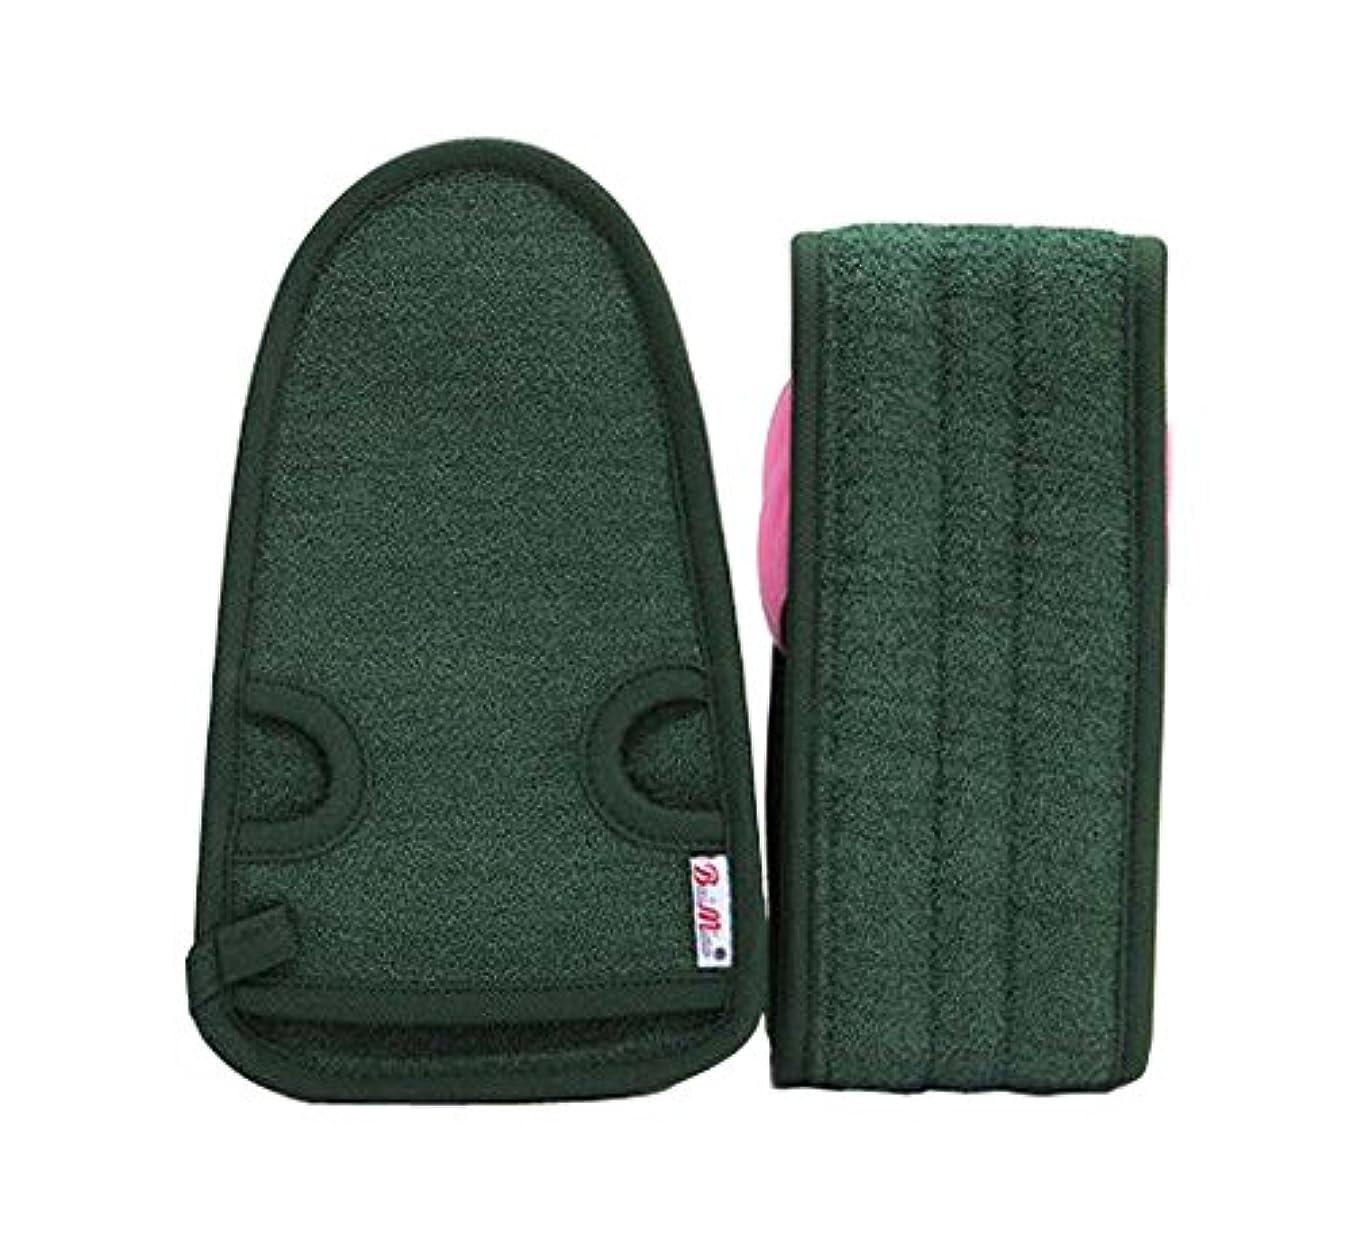 助言する請負業者セール男性のための実用的で柔らかいバス手袋の角質除去のバスベルト、アーミーグリーンの2